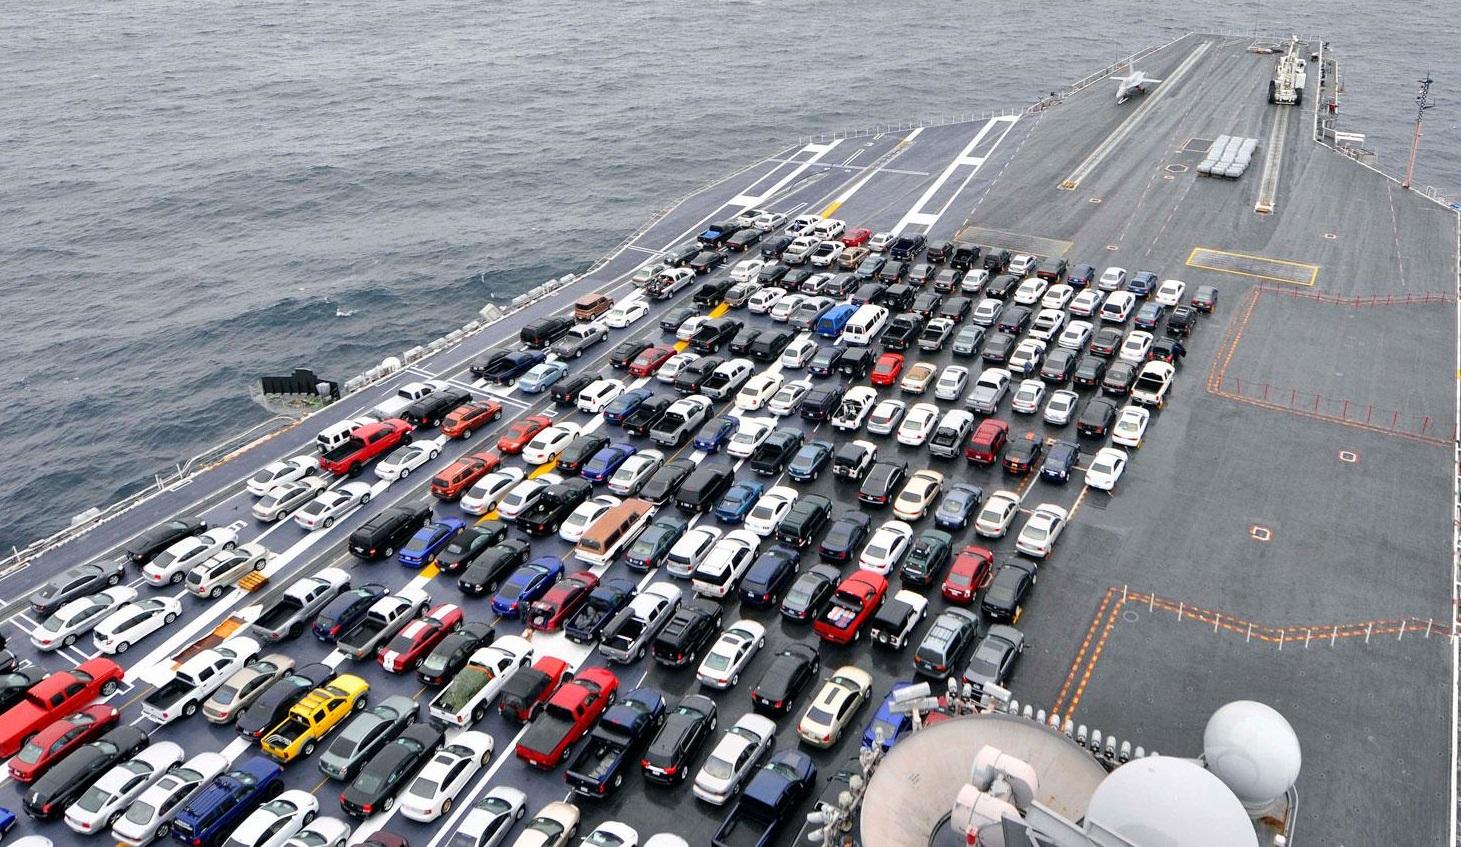 واردات غیر قانونی خودرو